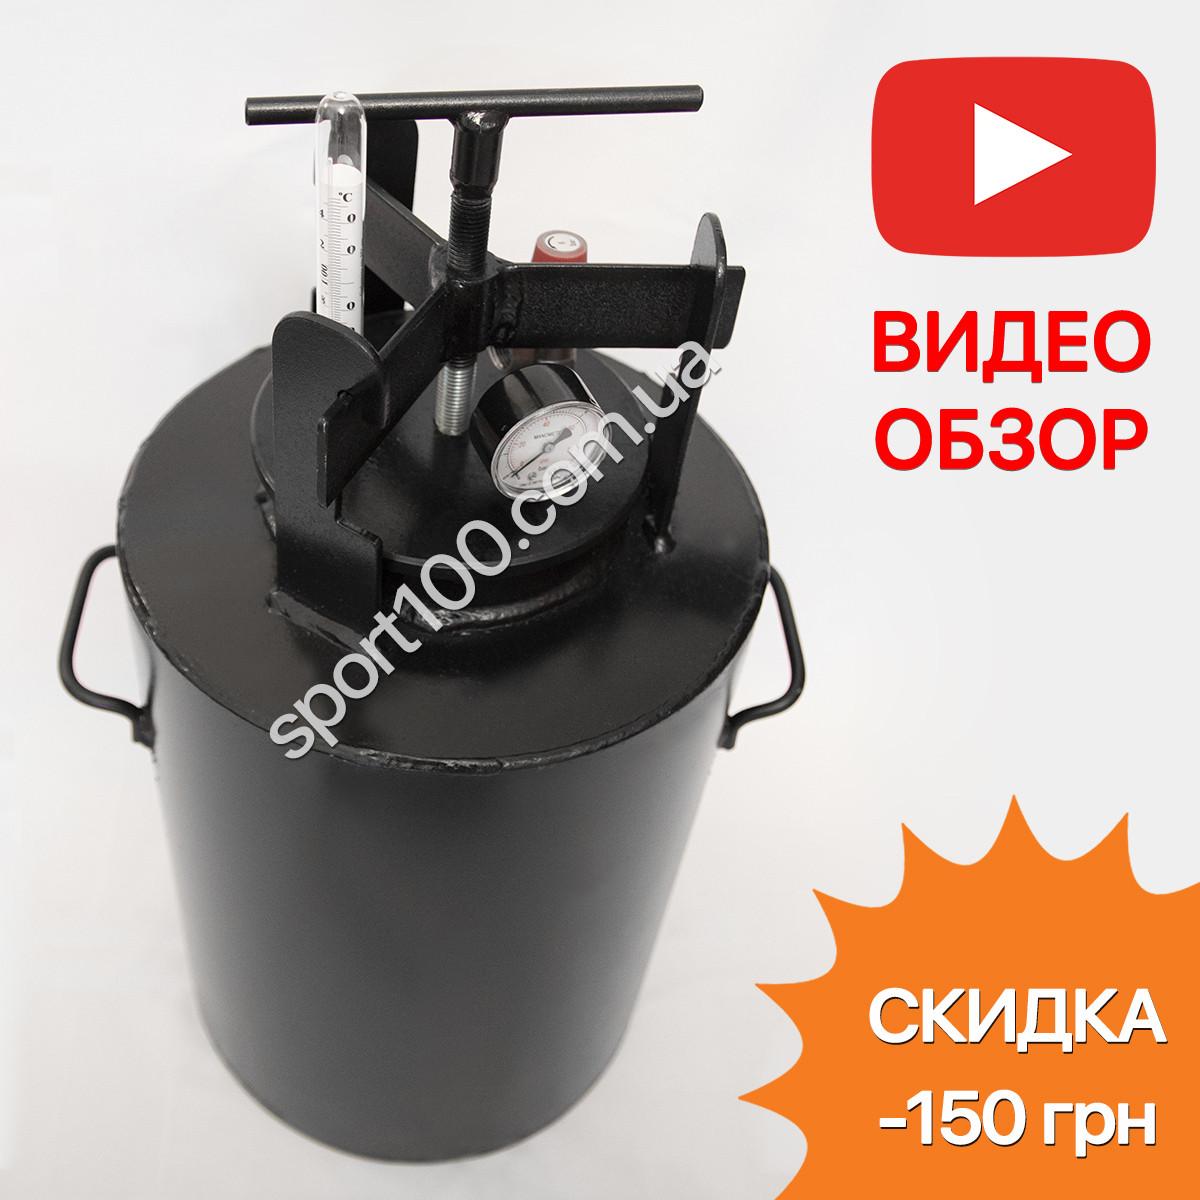 Автоклав бытовой на 16 банок (винтовой) (побутовий автоклав газовий на 16 банок гвинтовий)